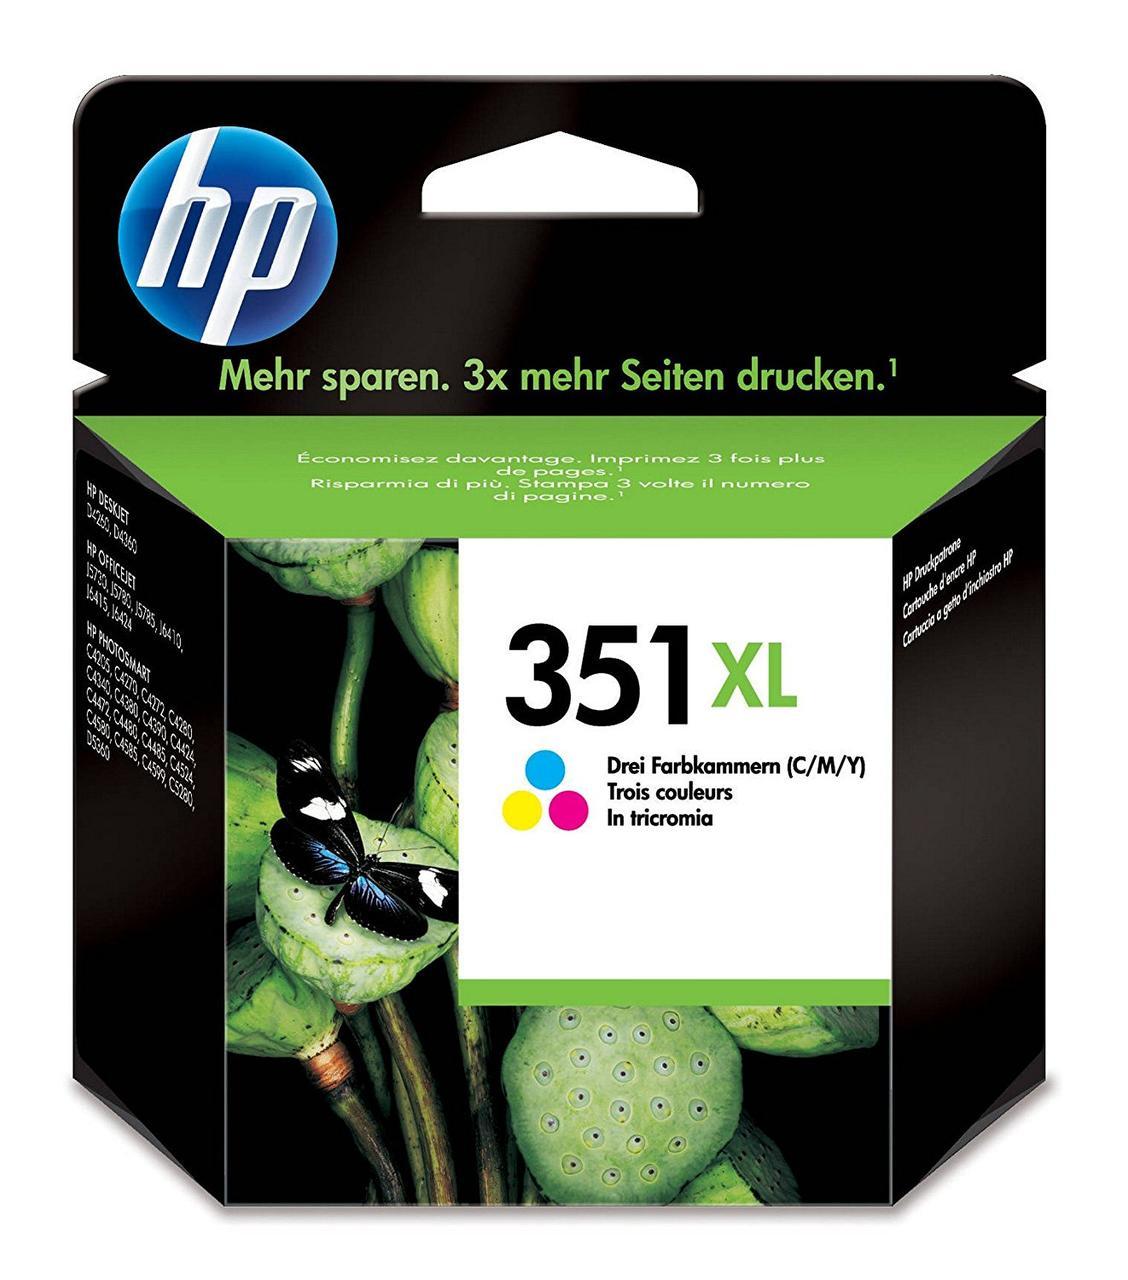 HP Tintenpatrone 351 XL - Трехцветный оригинальный чернильный картридж HP 351XL с высокой яркостью